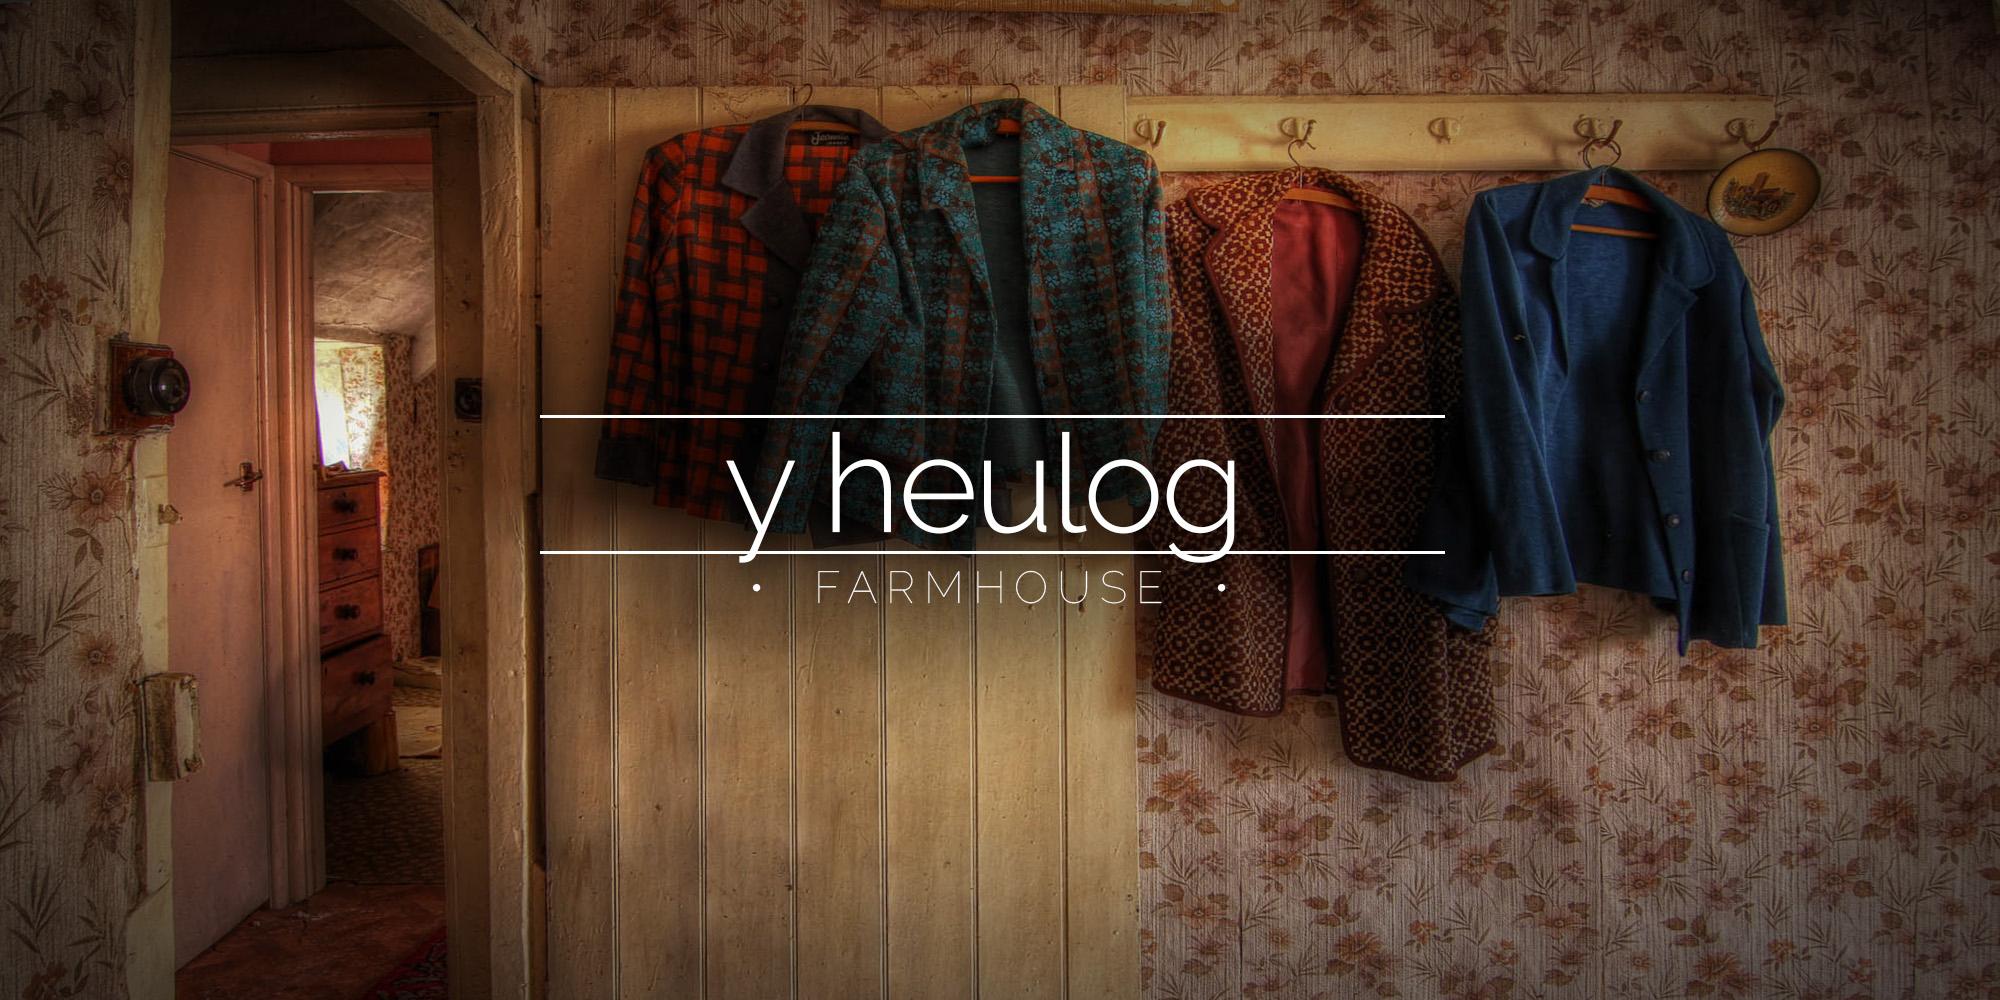 Y Heulog Farmhouse